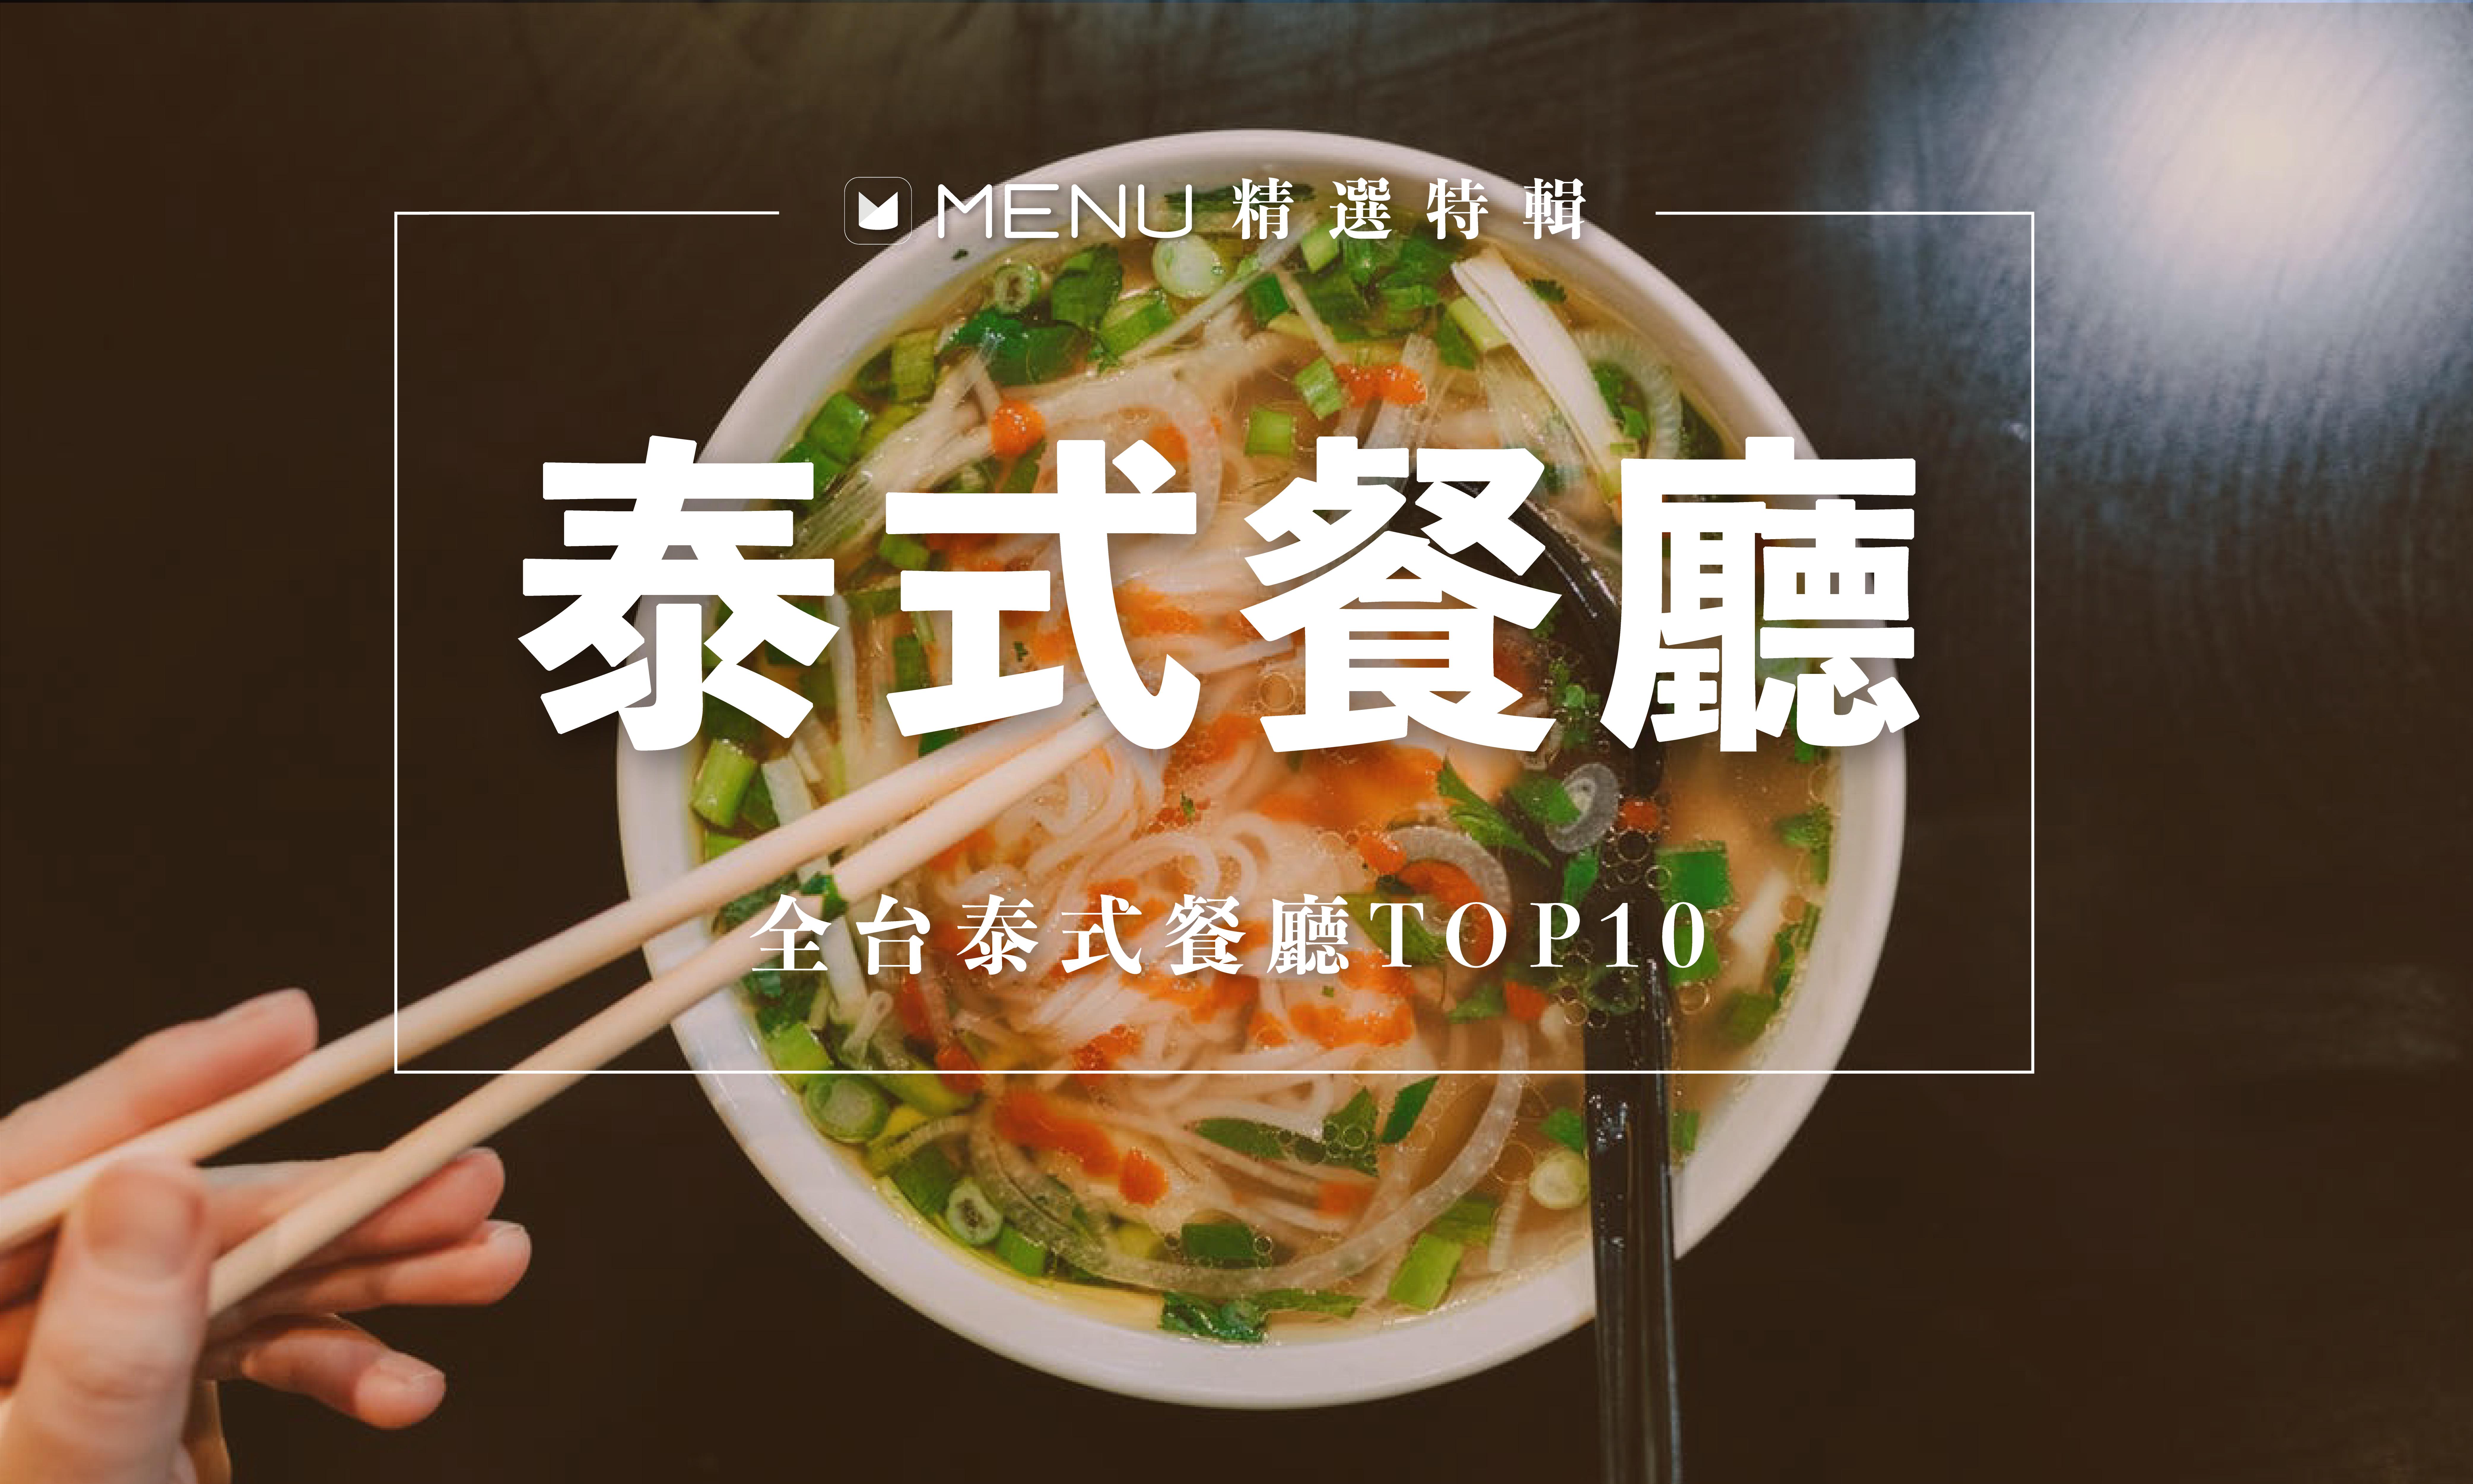 像初戀一樣迷人又難忘的味道,全台泰式餐廳TOP10報齁哩災